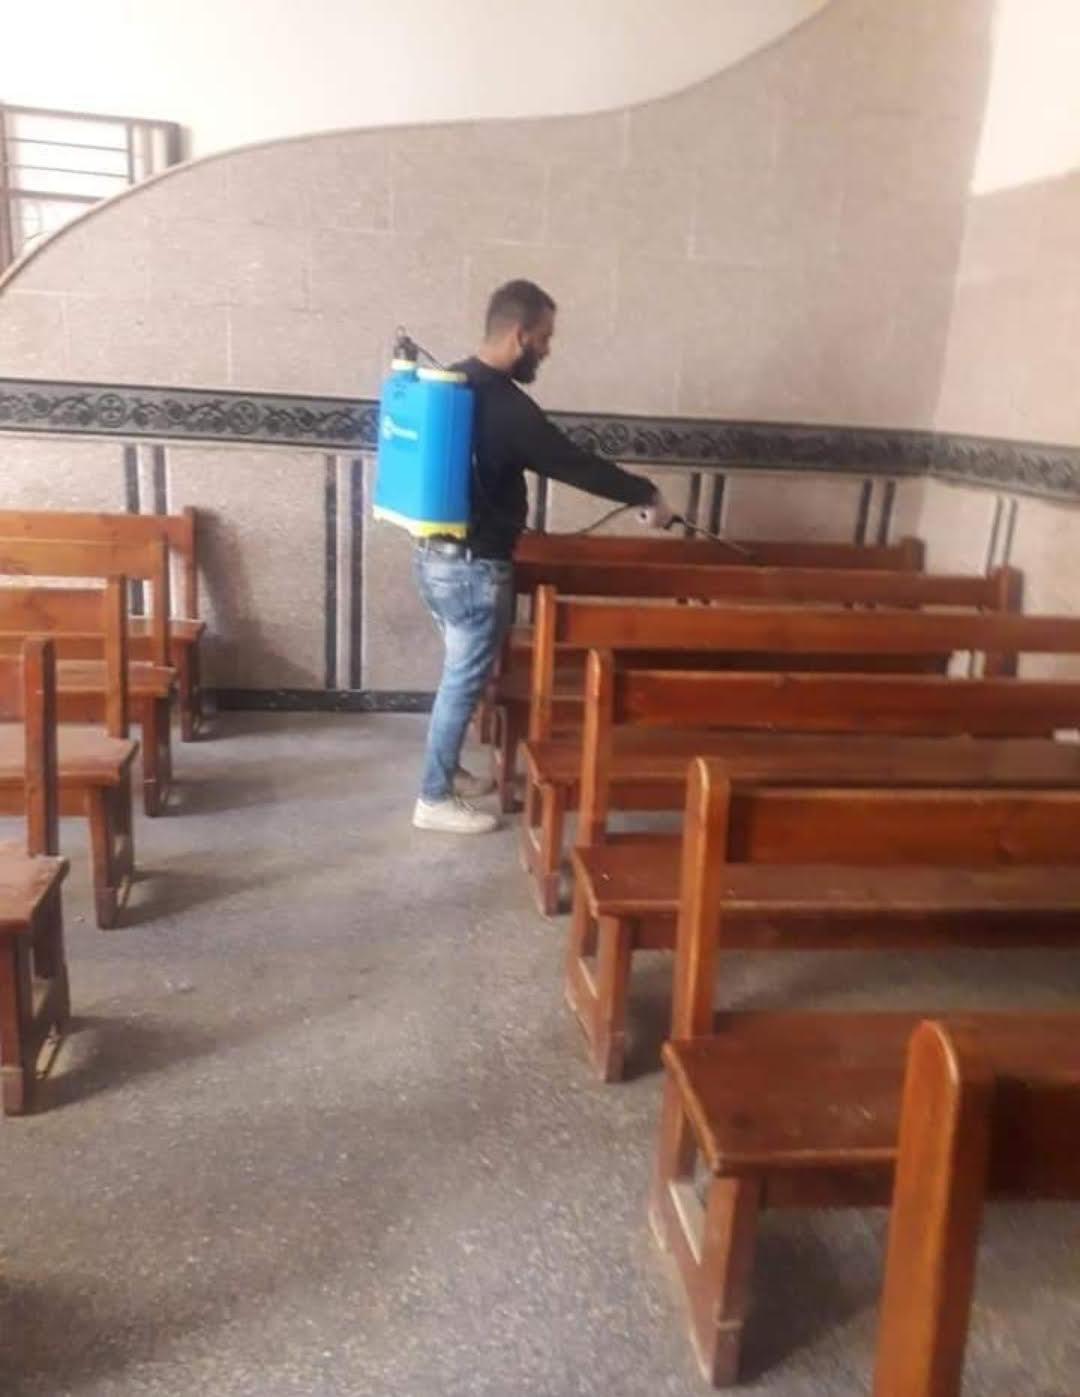 الأنبا ديمتريوس: تعقيم وتطهير مبنى الكنيسة المرقسية بمطرانية ملوي